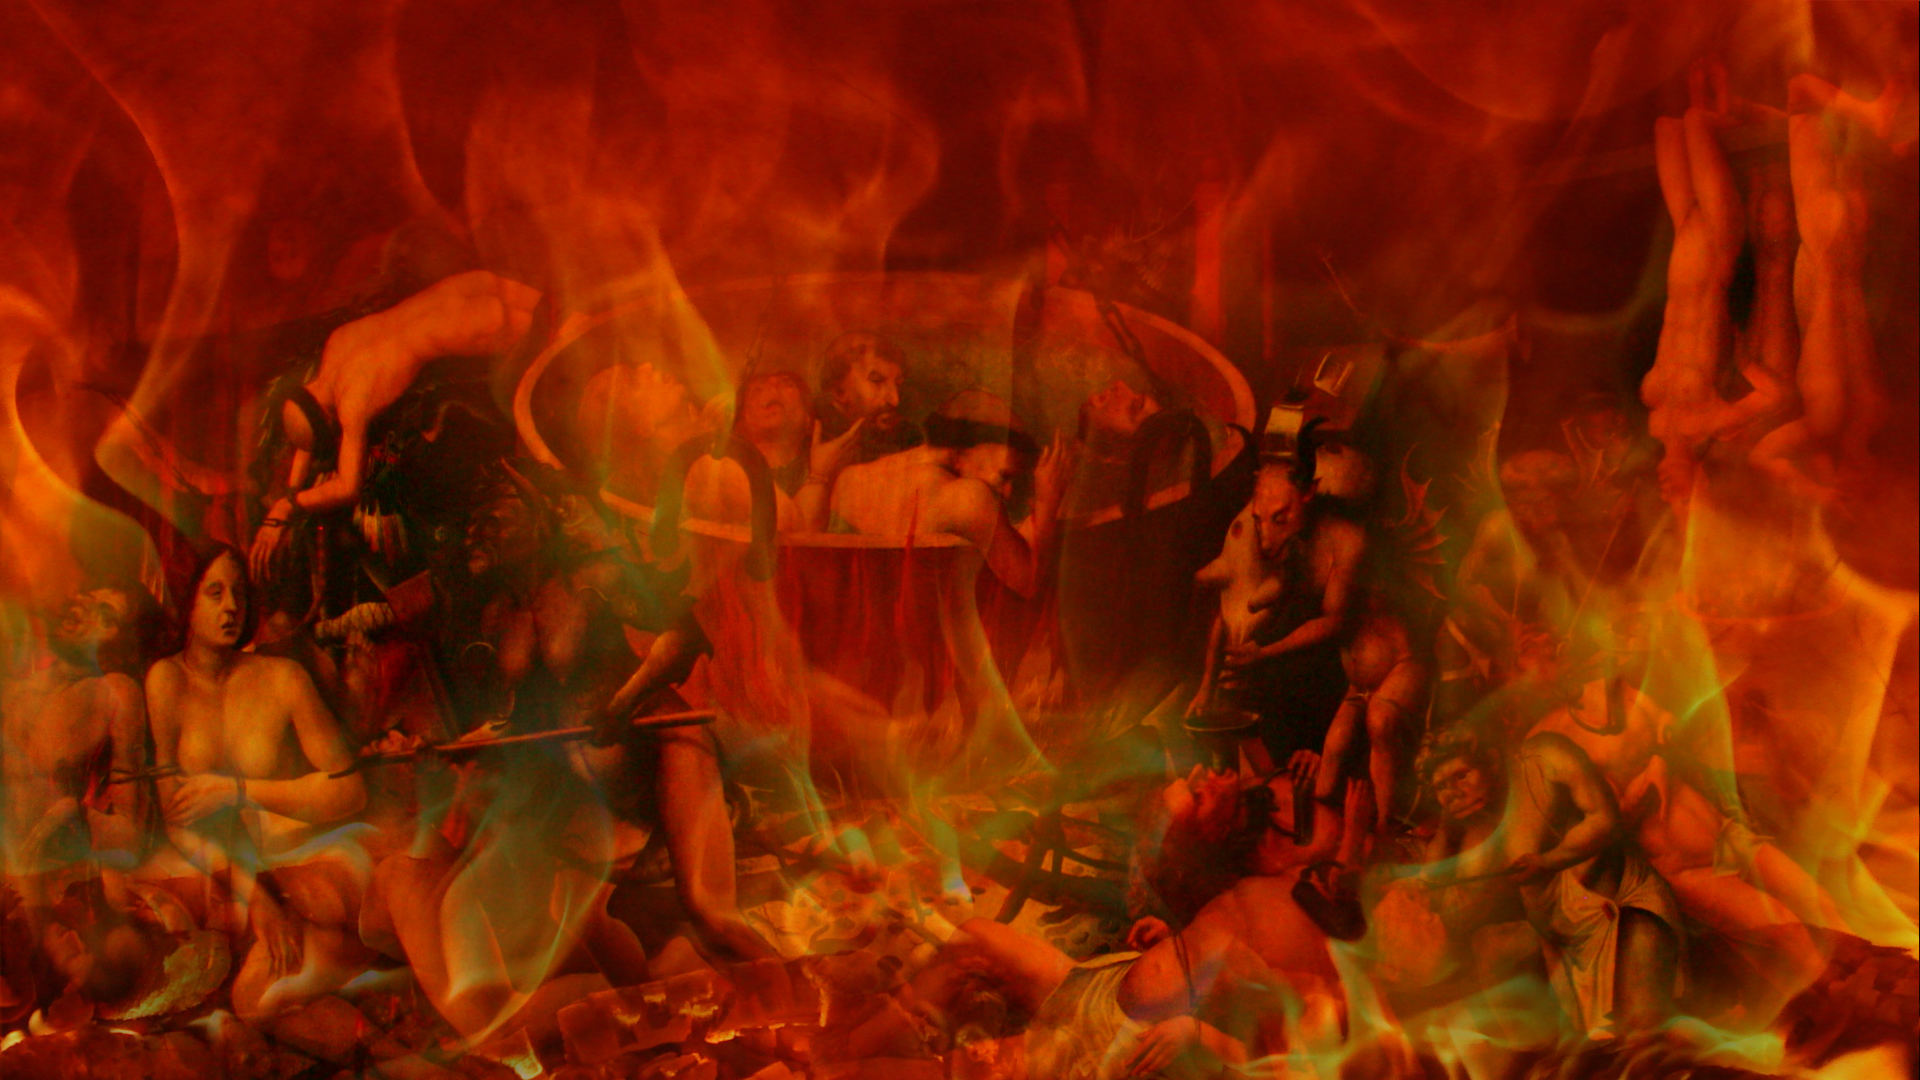 ад или рай. мучения грешников. божественные пытки и садизм отца небесного. кто такой бог. в чём смысл молитвы